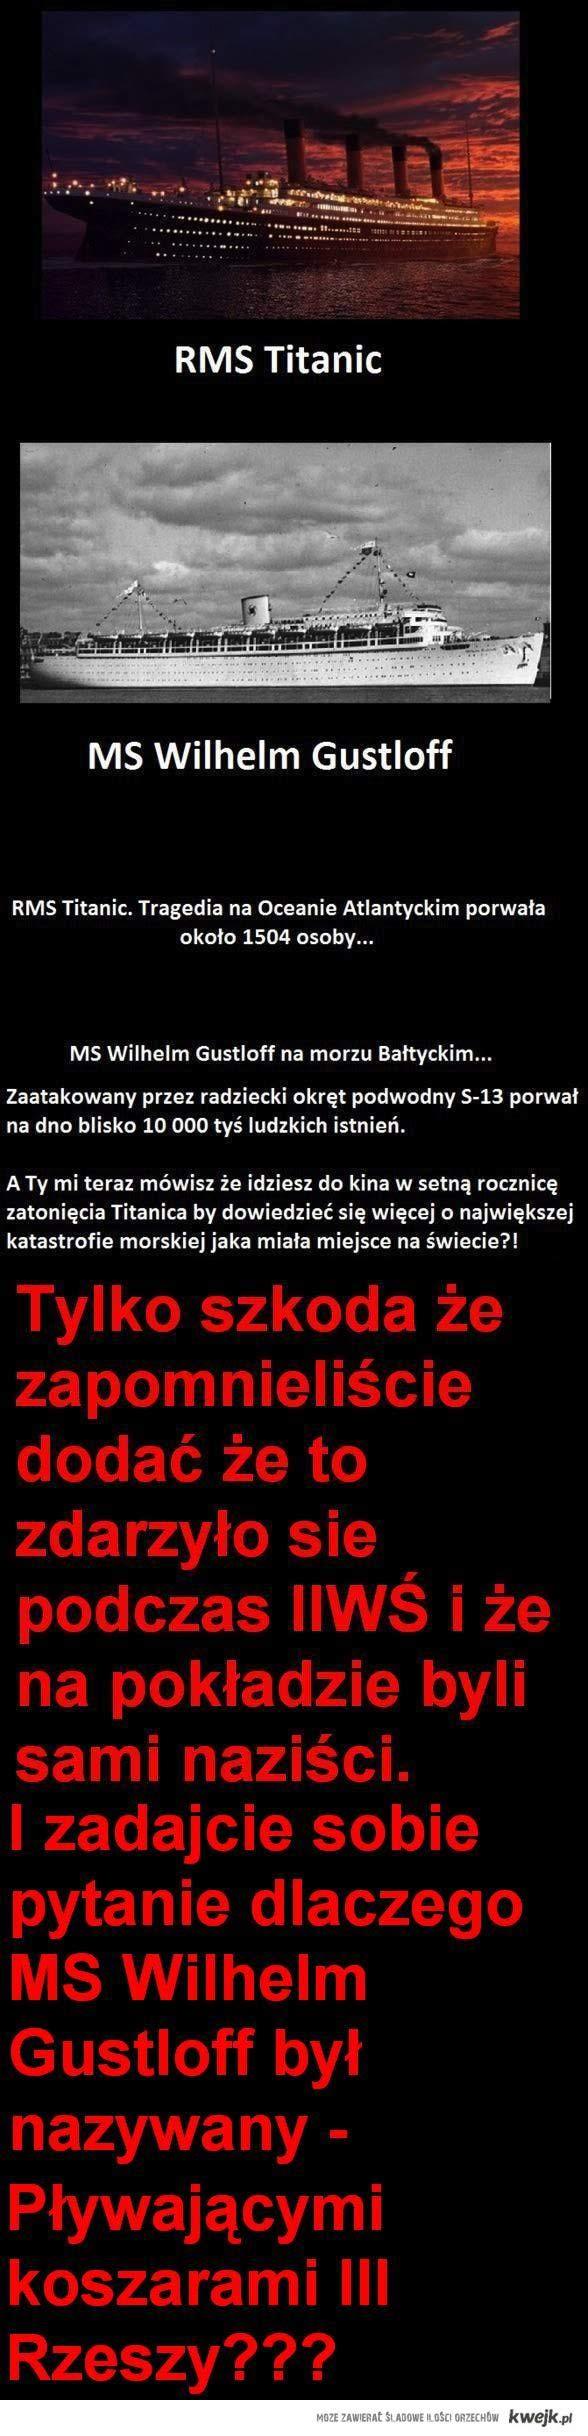 MS Wilhelm Gustloff - wersja prawdziwa